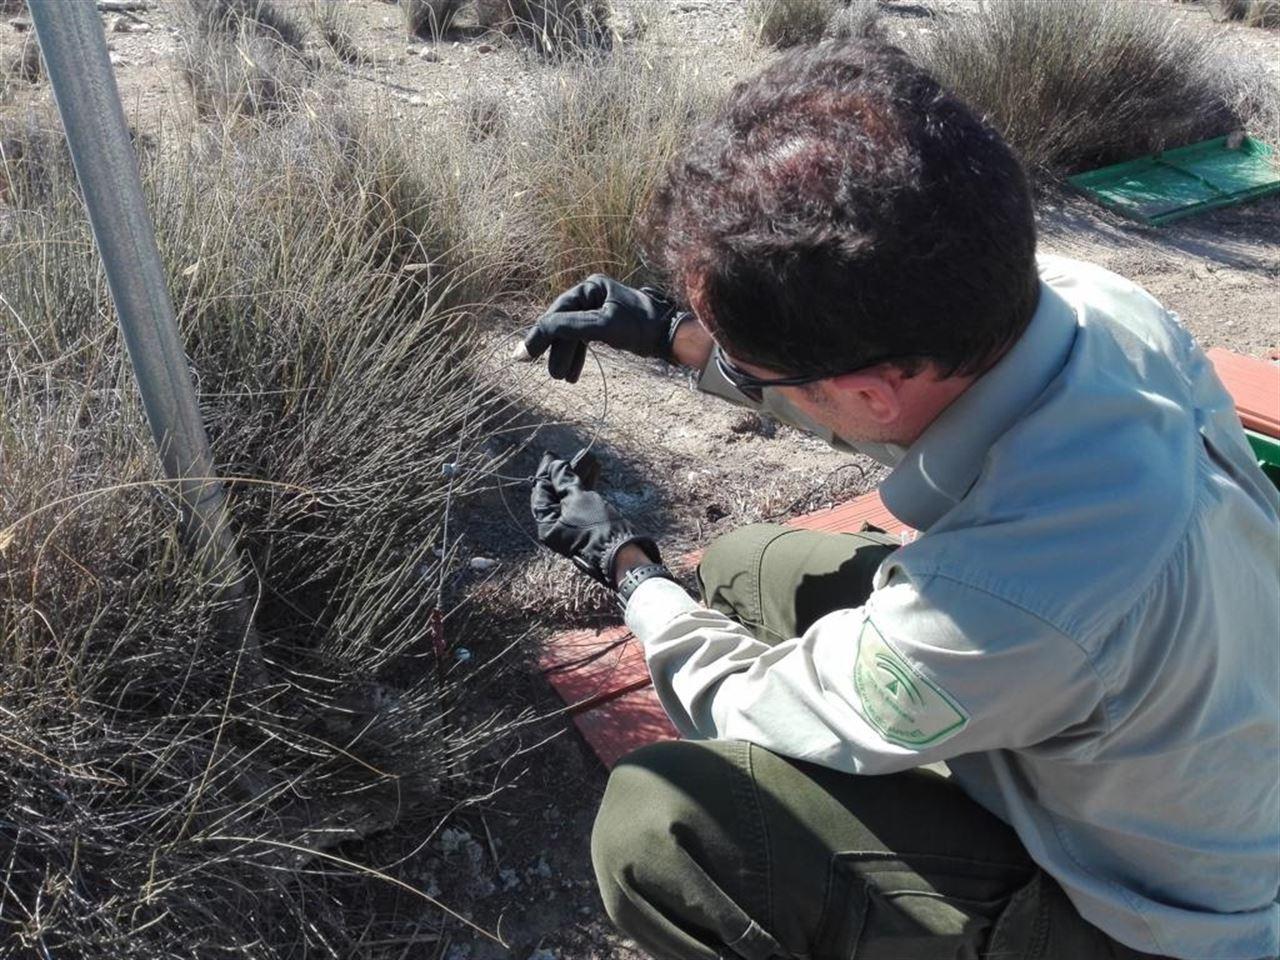 Almería, descubren una docena de lazos de caza prohibidos en un paraje del Desierto de Tabernas